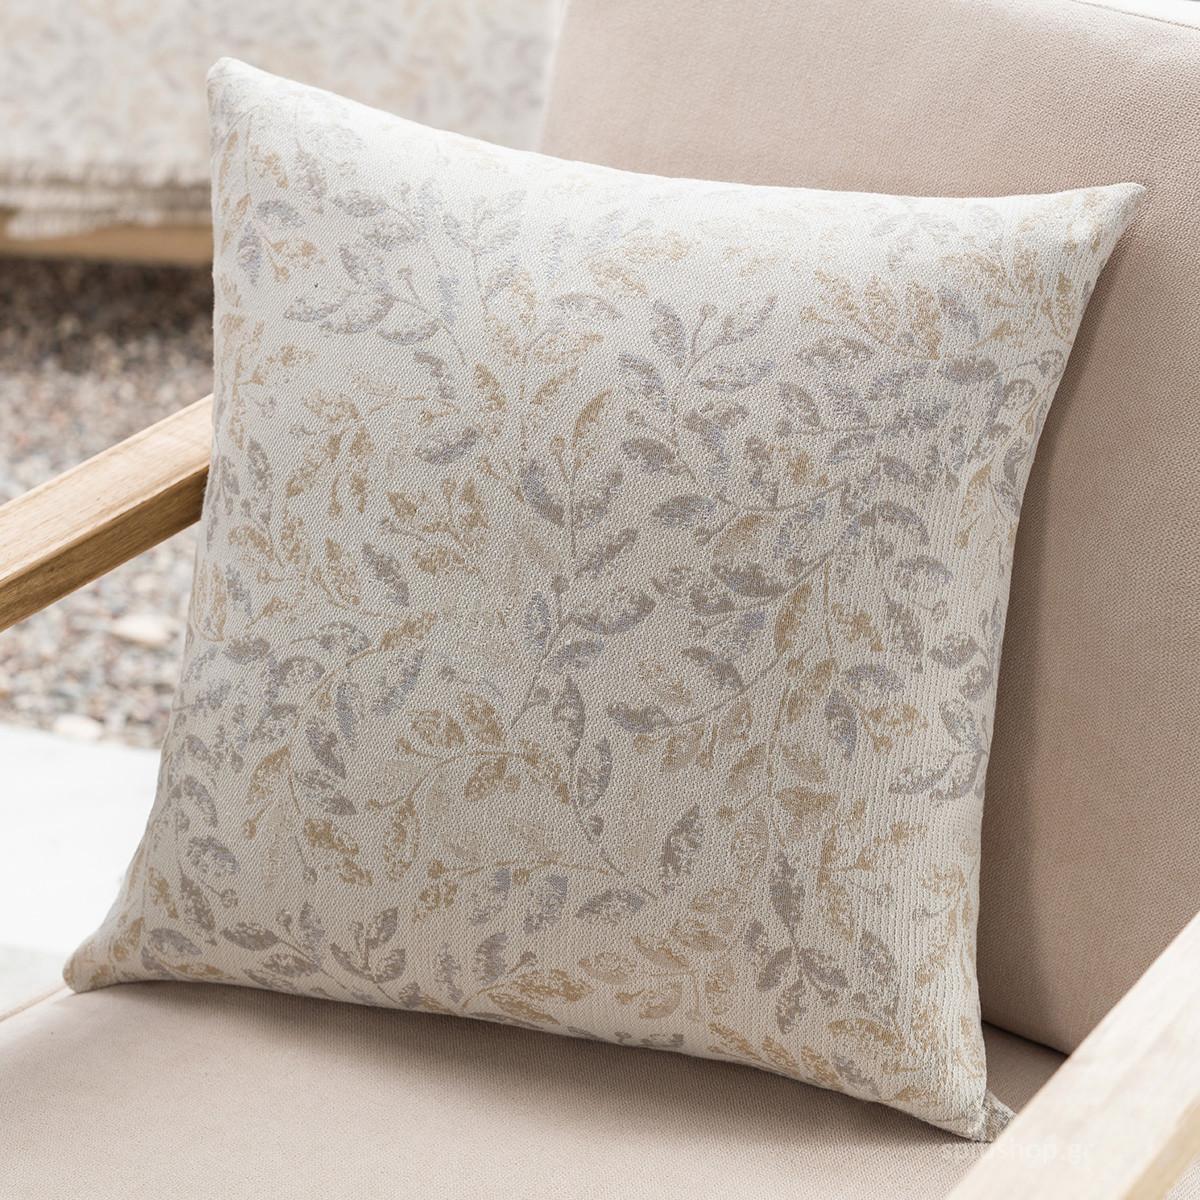 Διακοσμητική Μαξιλαροθήκη (50×50) Gofis Home Delicate Grey 904/15